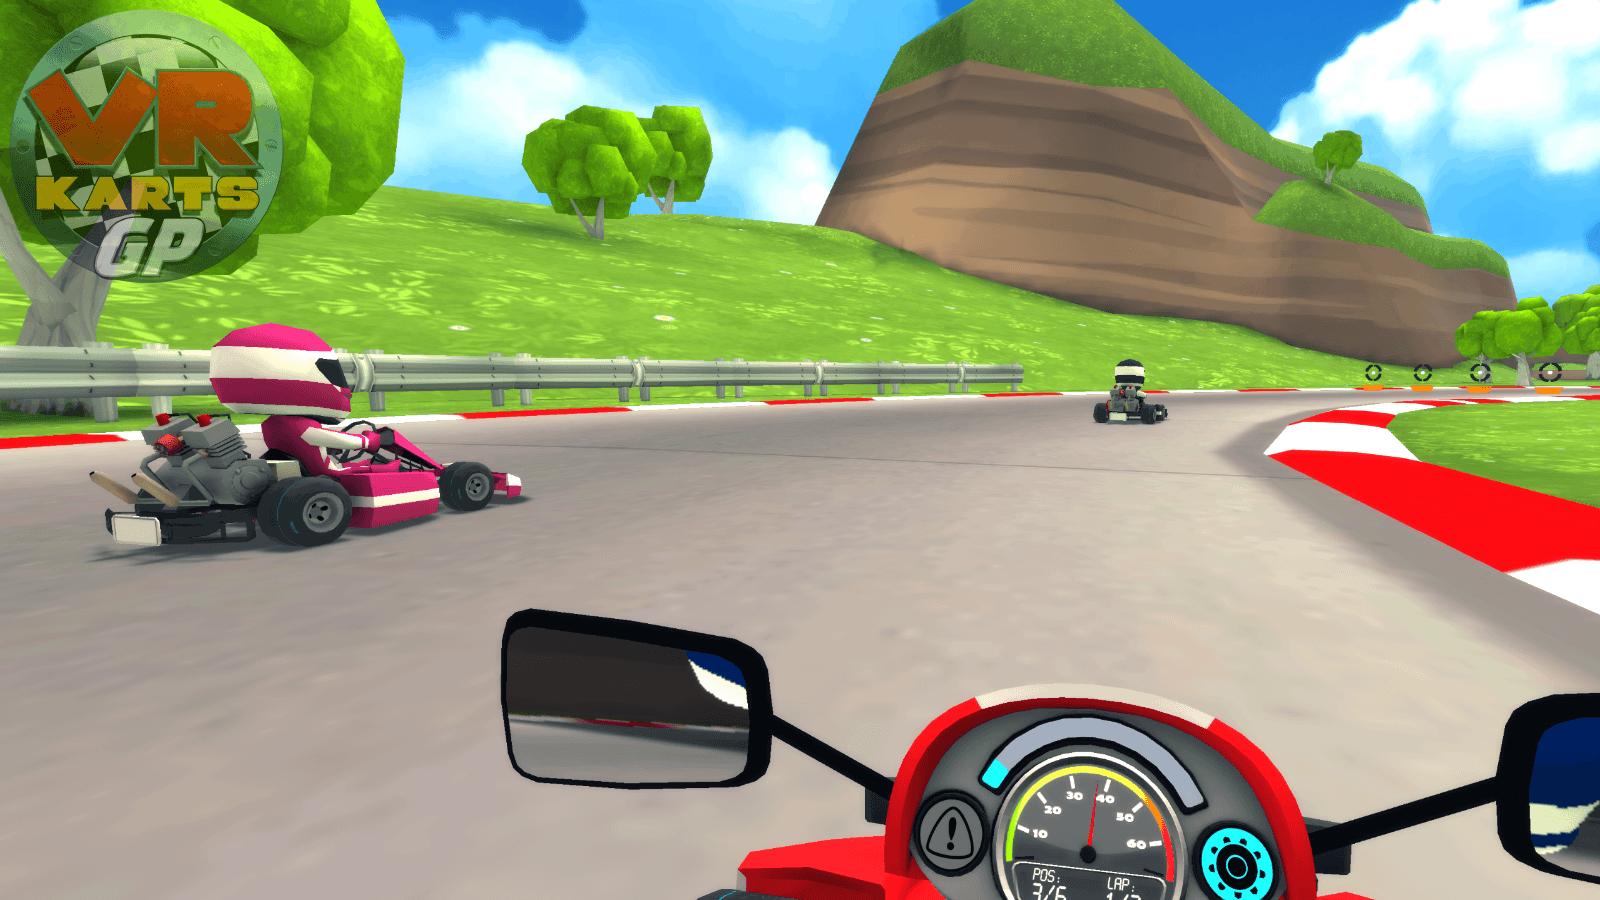 VR Karts GP (For VR)4